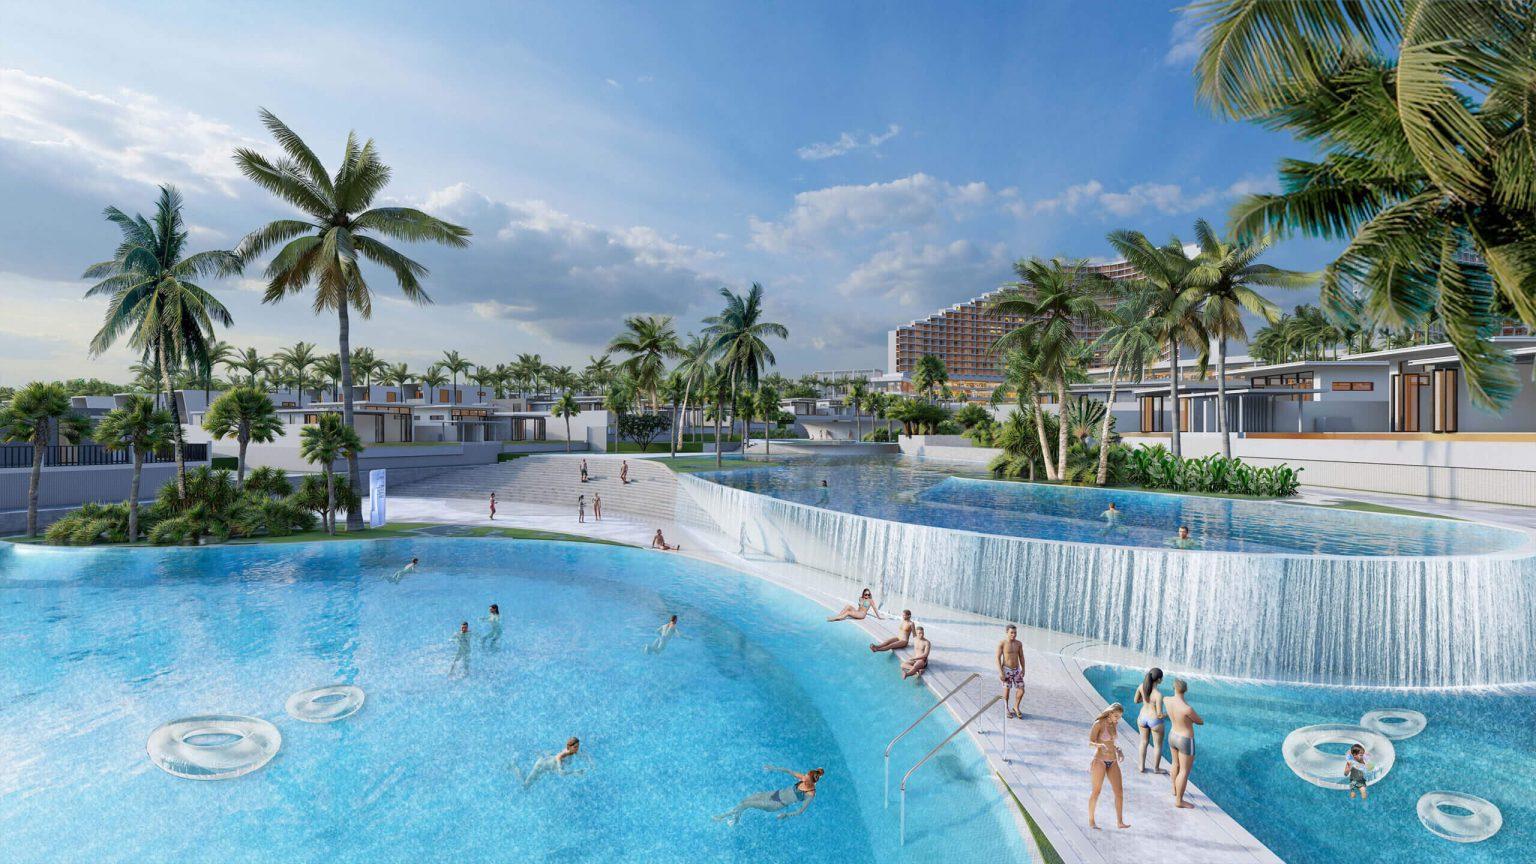 Hồ bơi dự án Laimian Quy Nhơn chủ đầu tư HDTC